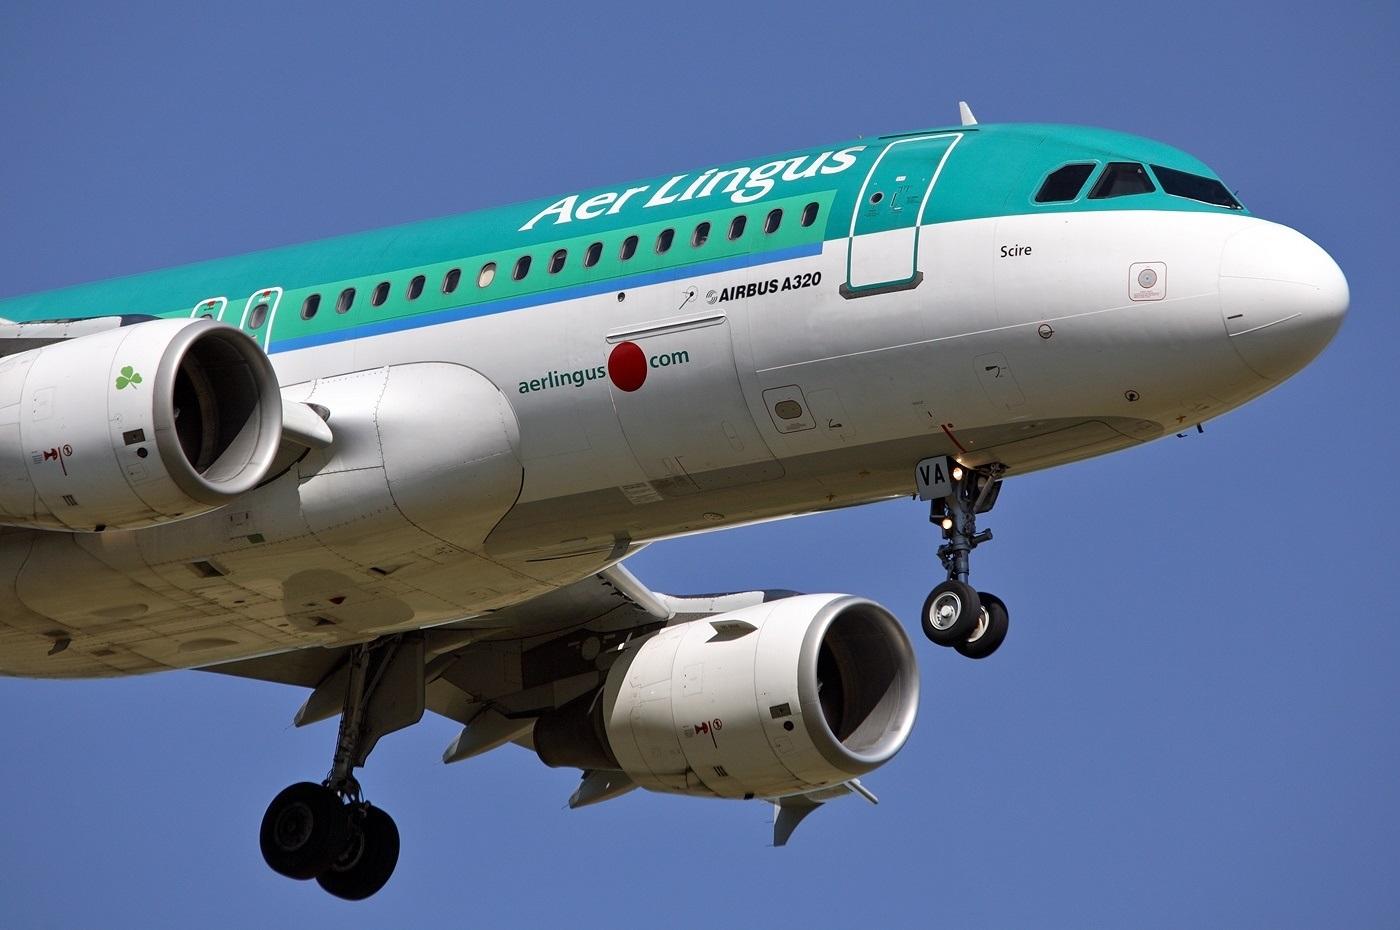 Лайнер авиакомпании Aer Lingus крупным планом